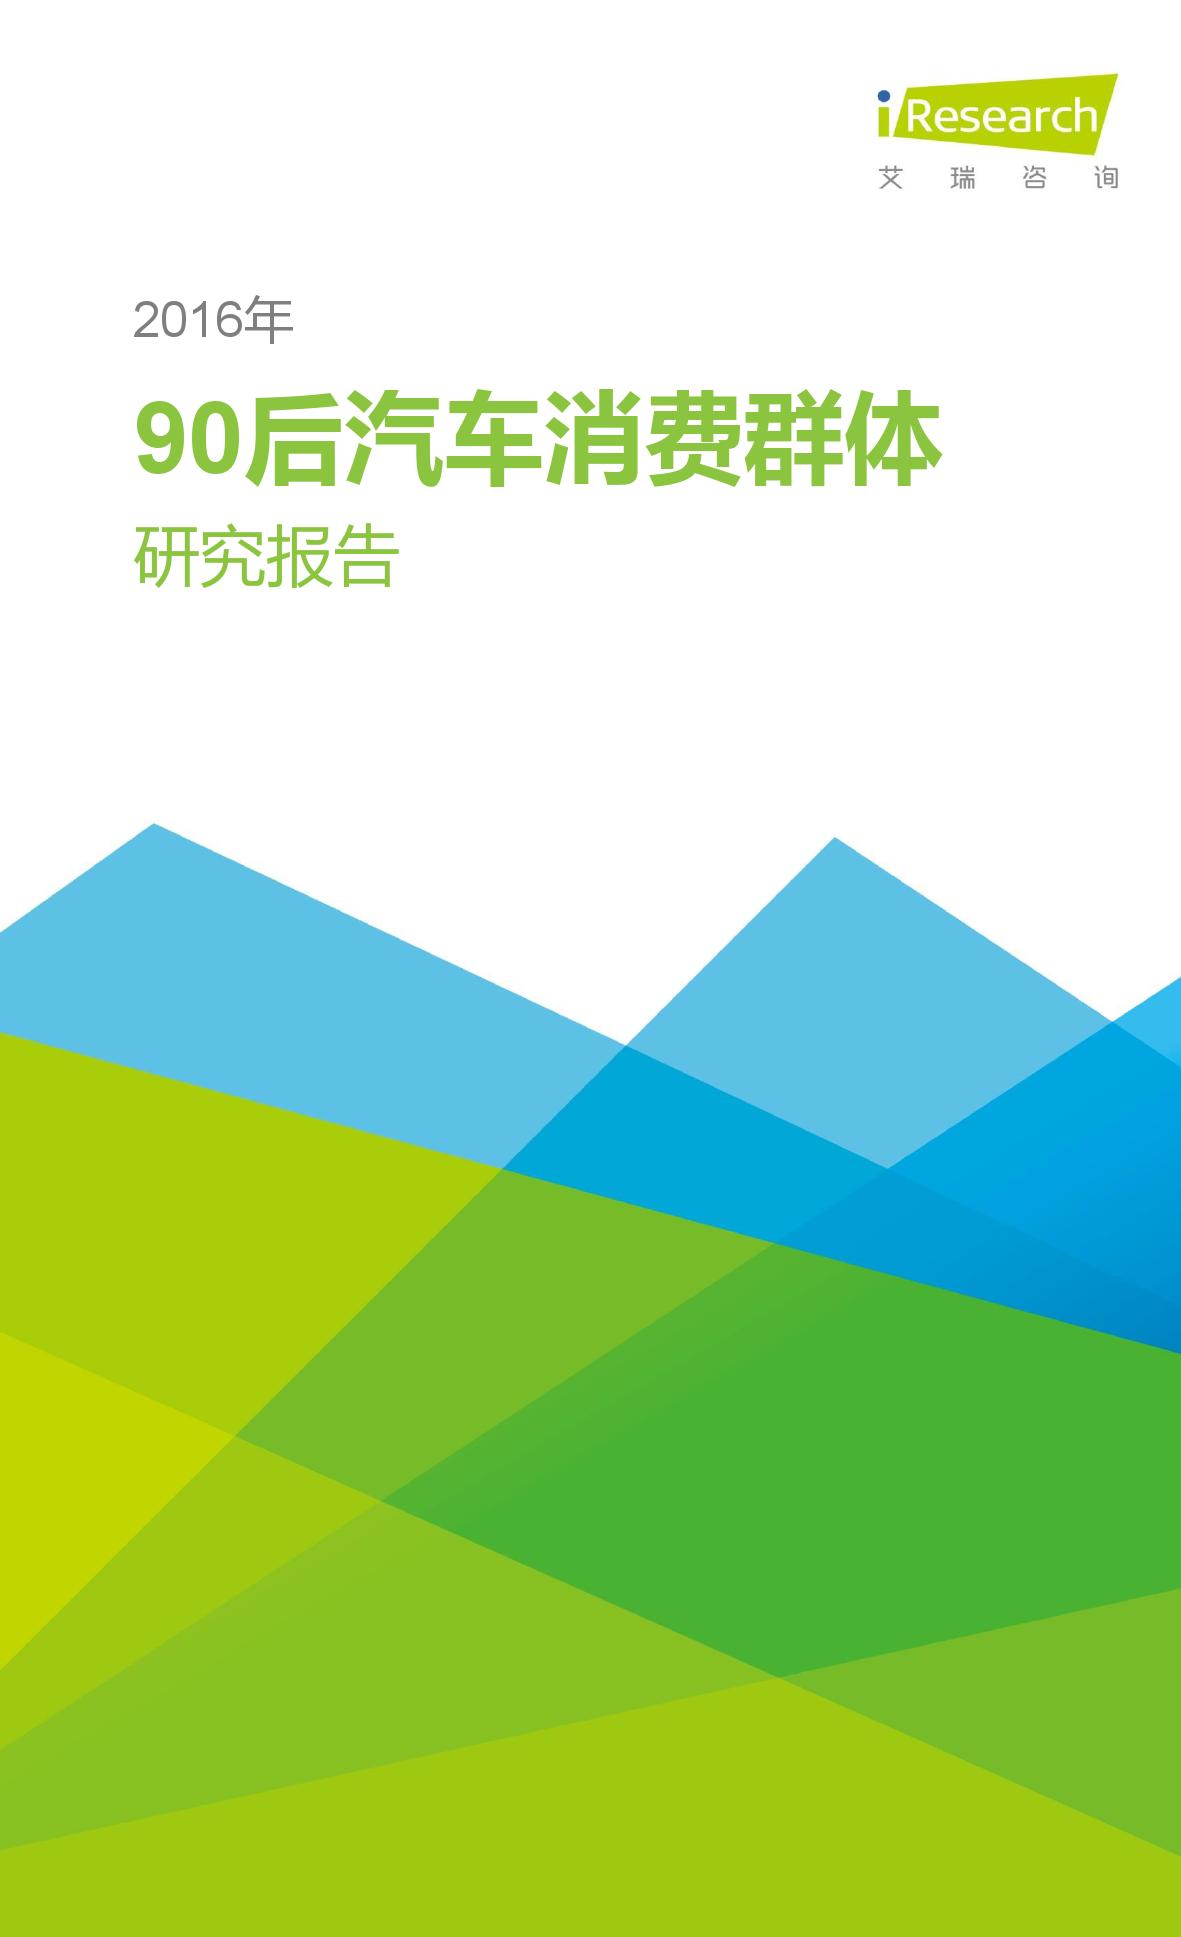 2016年中国90后汽车消费群体研究报告_000001